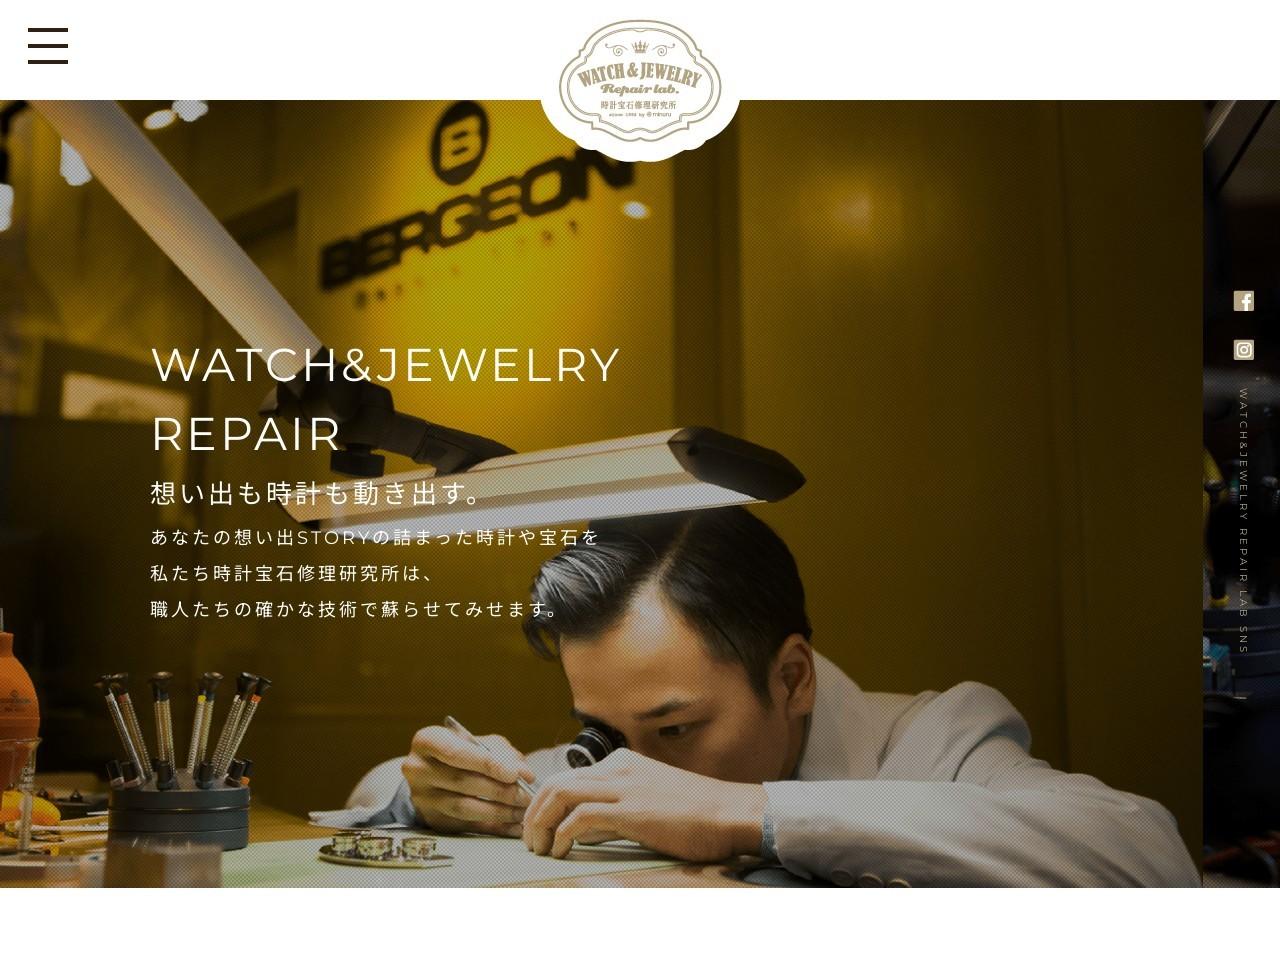 きょうばし時計宝石修理研究所